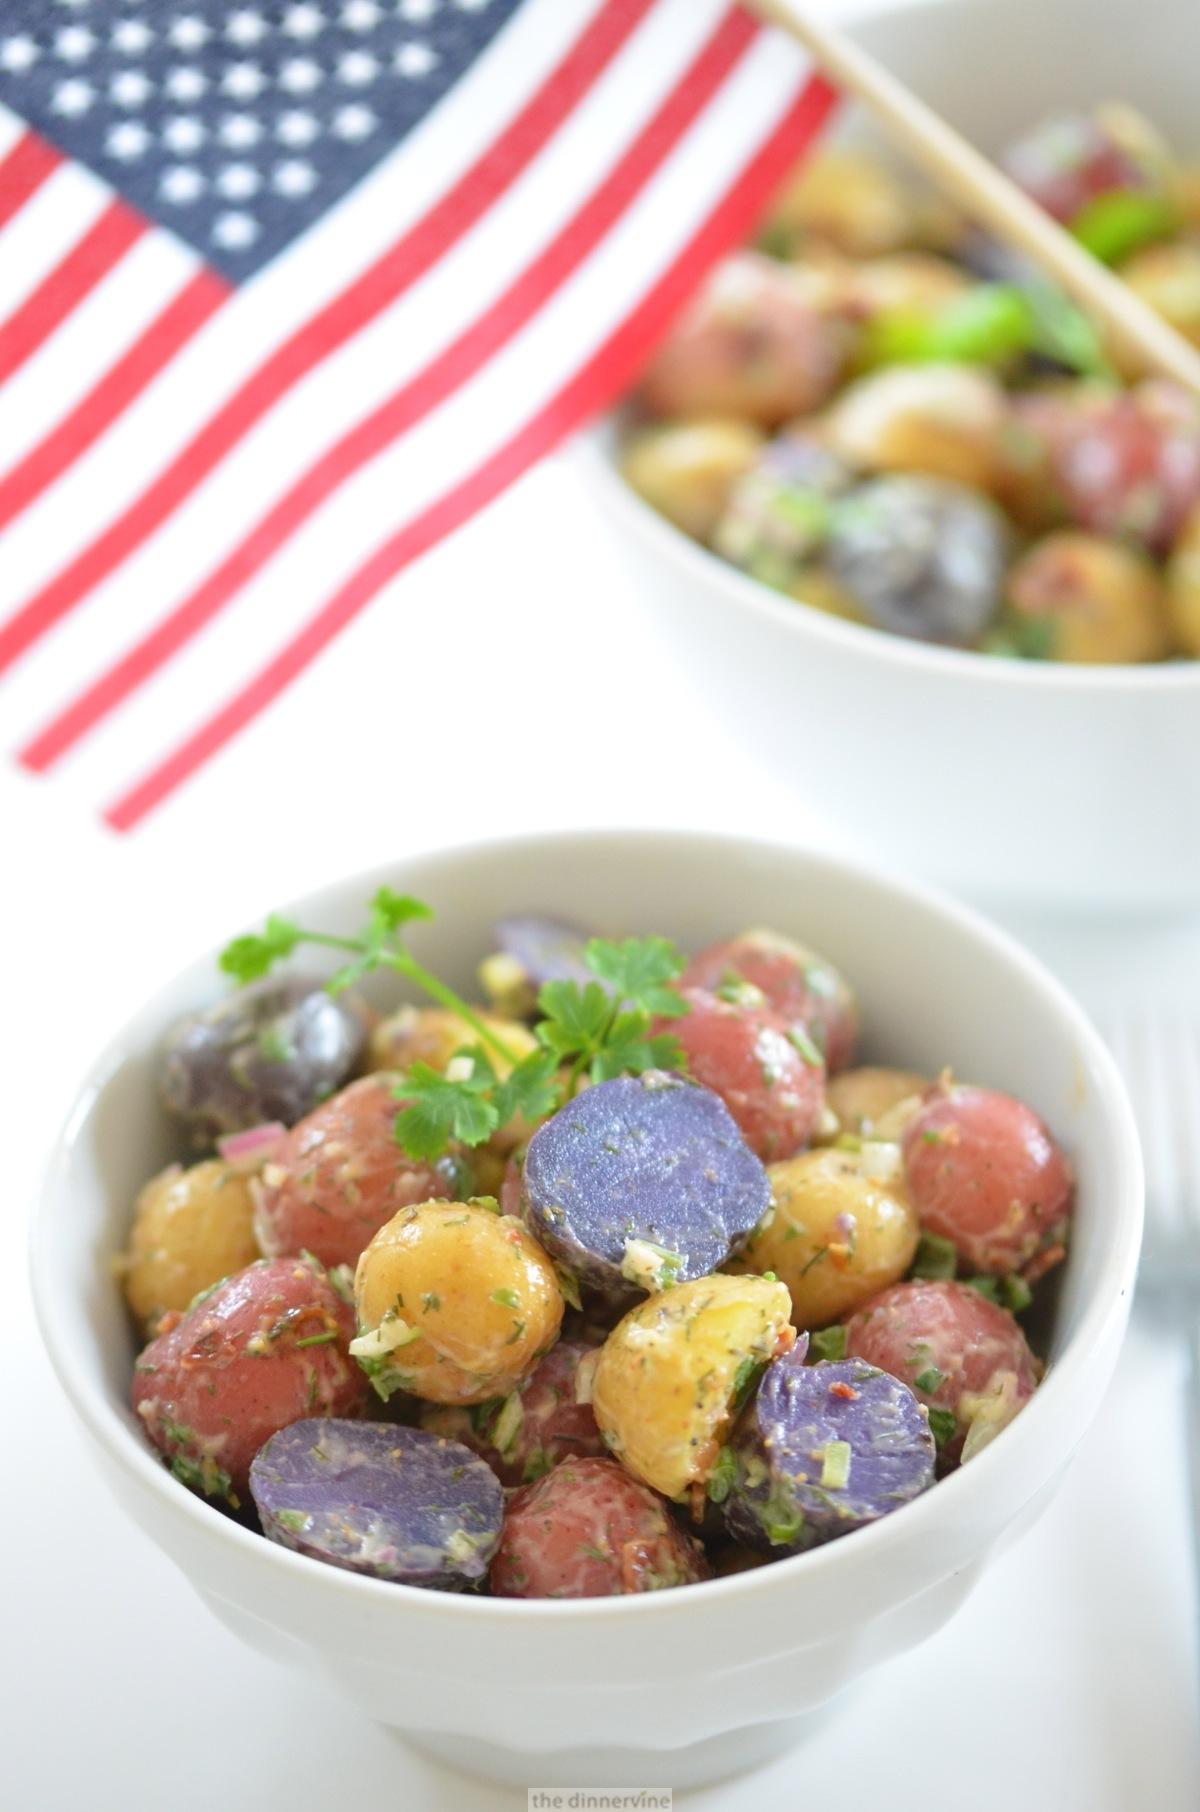 Patriot Potato Salad